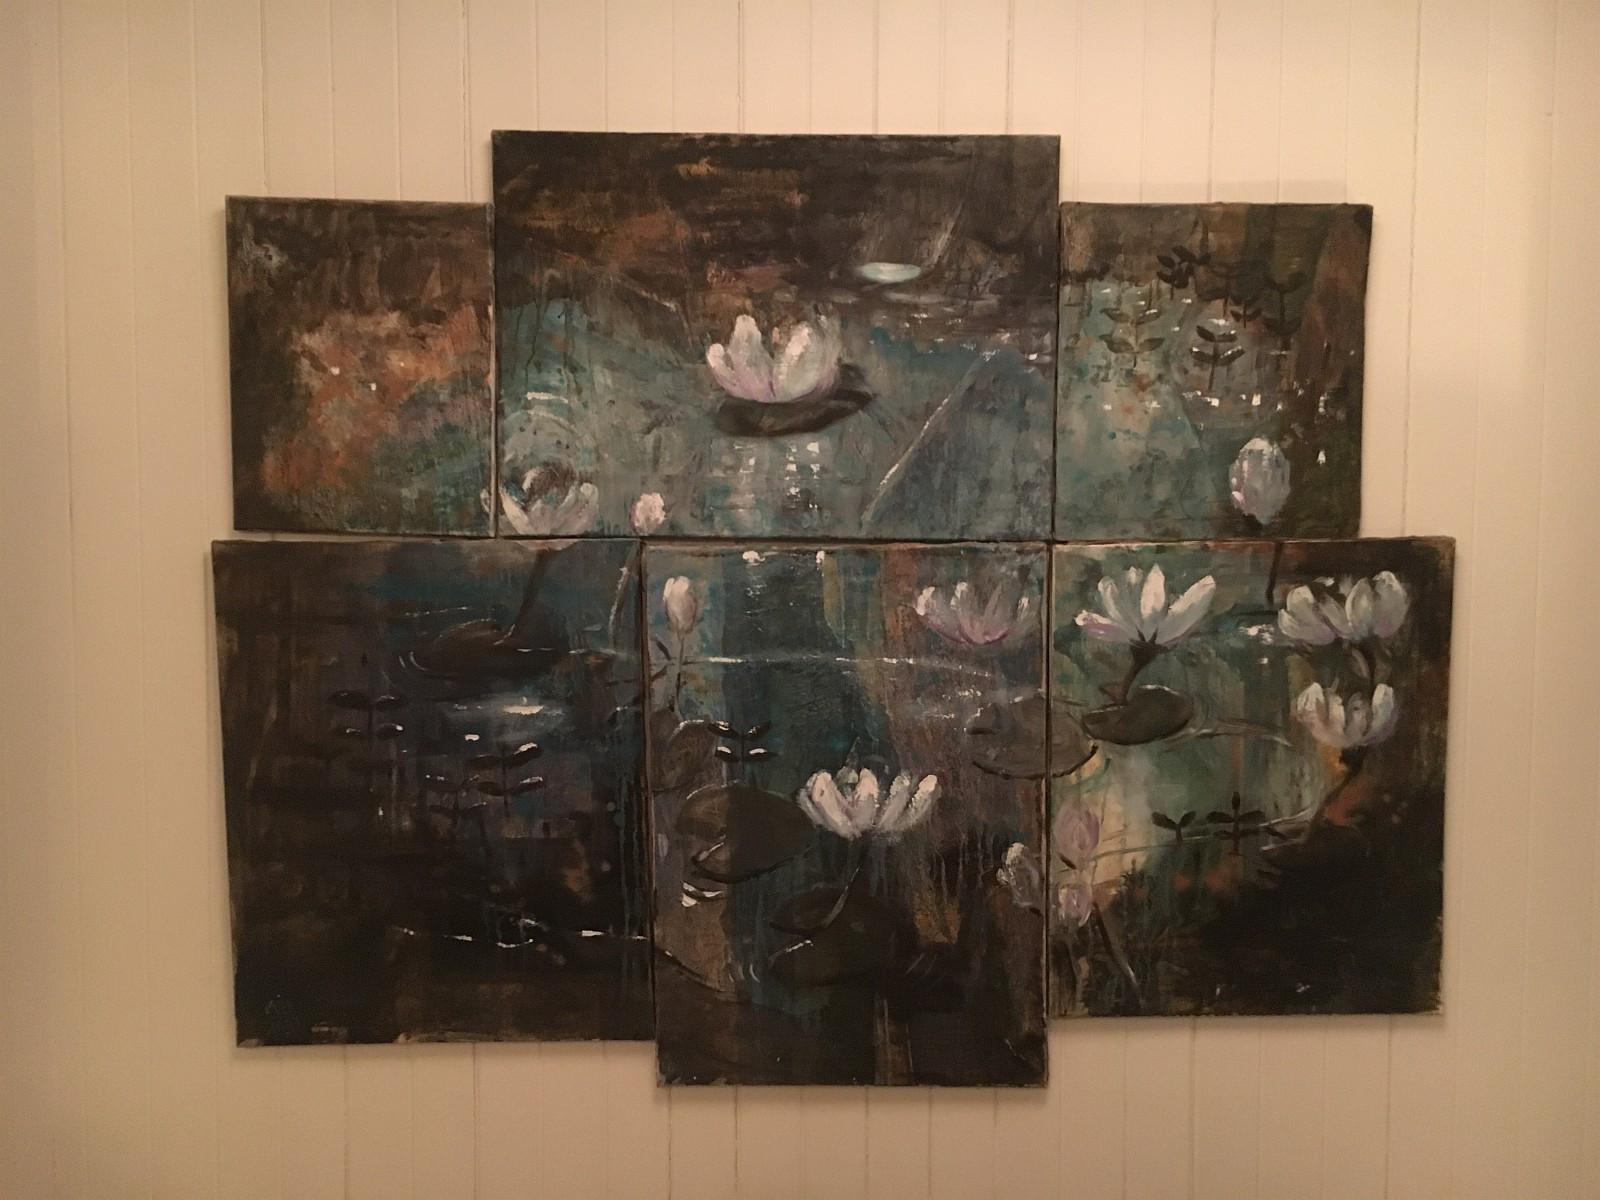 Maleri signert Laila i Son - Hakadal  - Bildet består av 6 oljemalerier på lerret som danner hovedmotivet. Selges med tungt hjerte pga flytting. Gi bud. - Hakadal